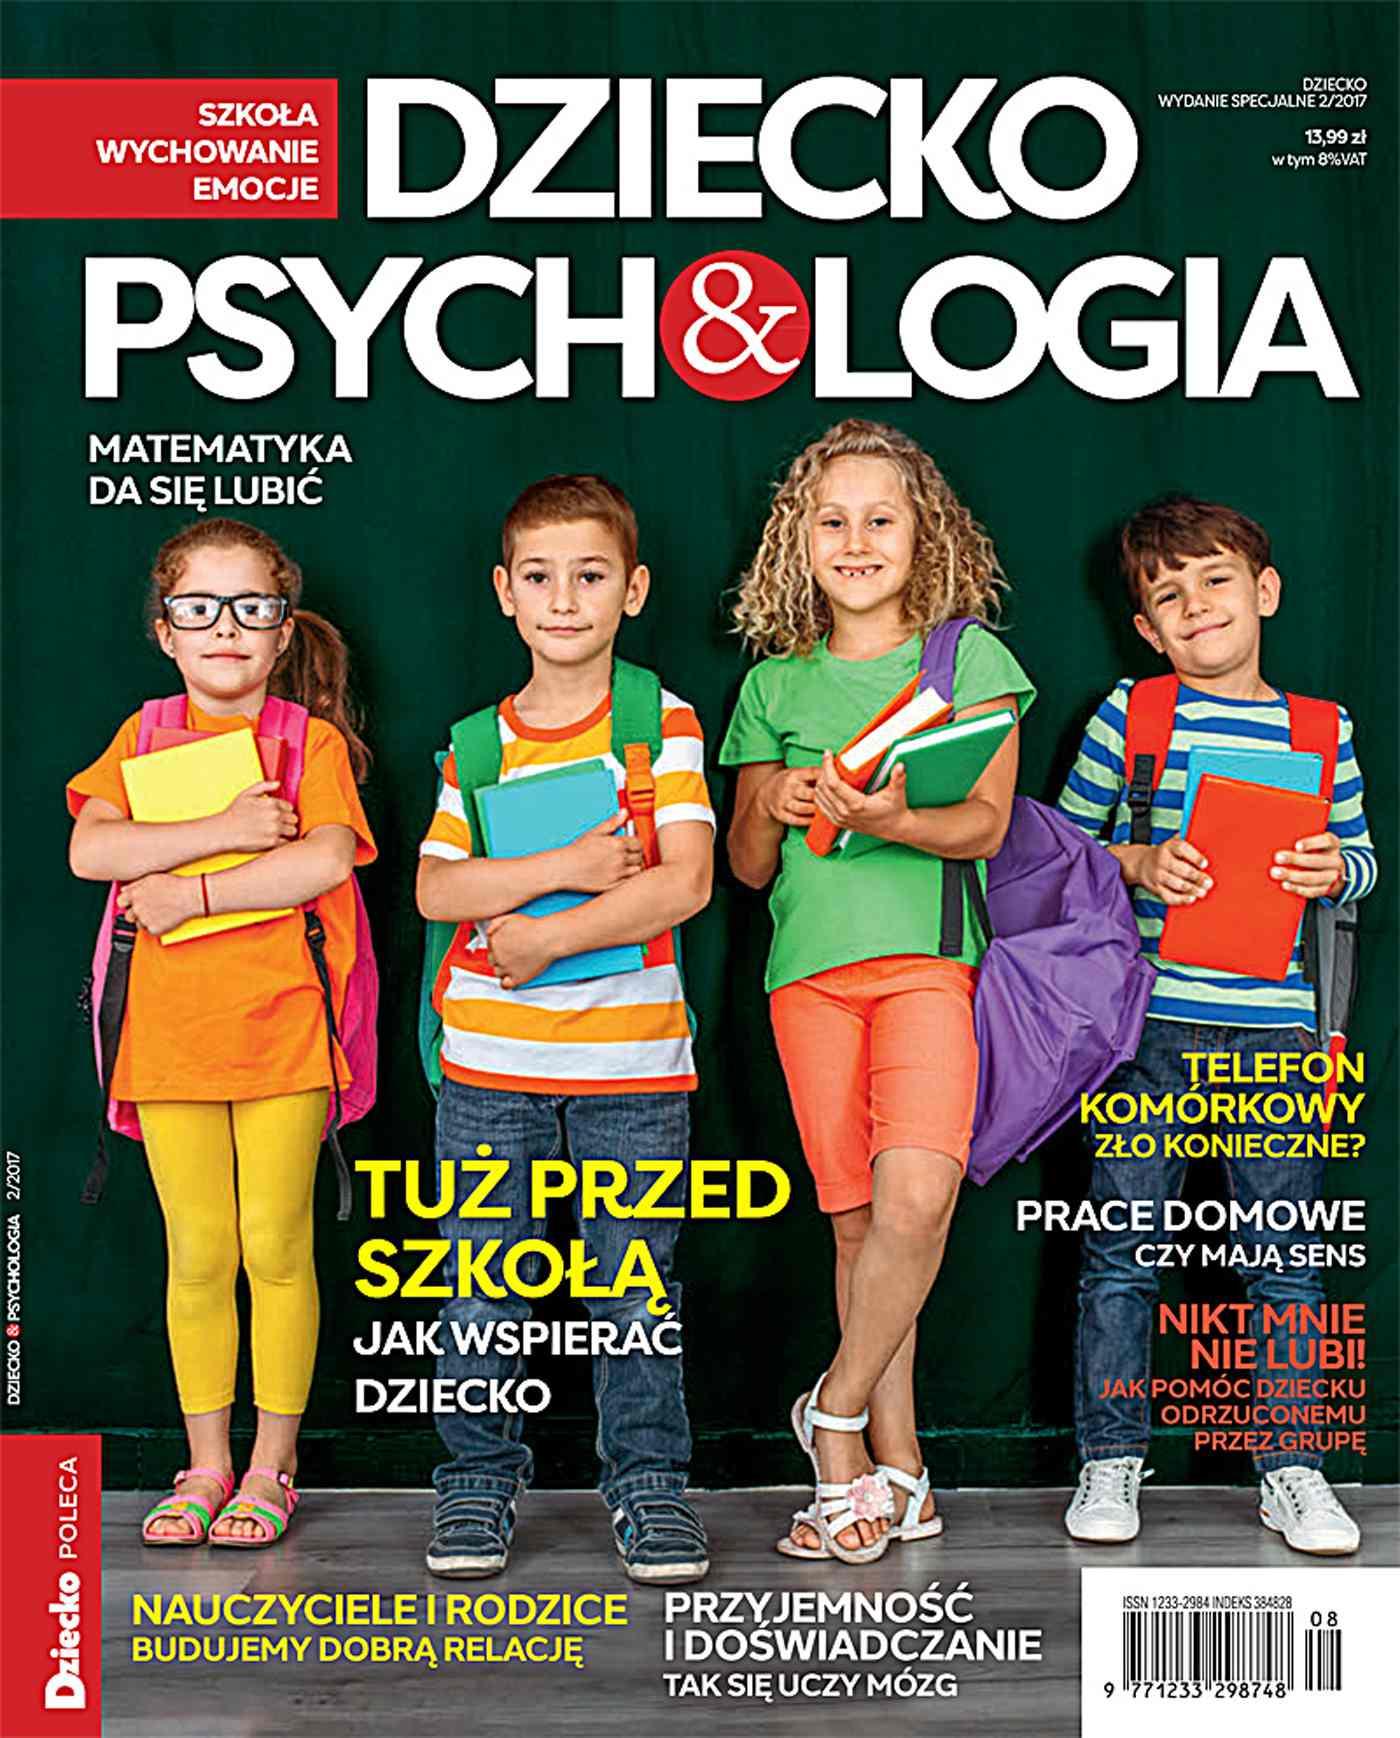 Dziecko & Psychologia. Dziecko. Wydanie Specjalne  2/2017 - Ebook (Książka PDF) do pobrania w formacie PDF